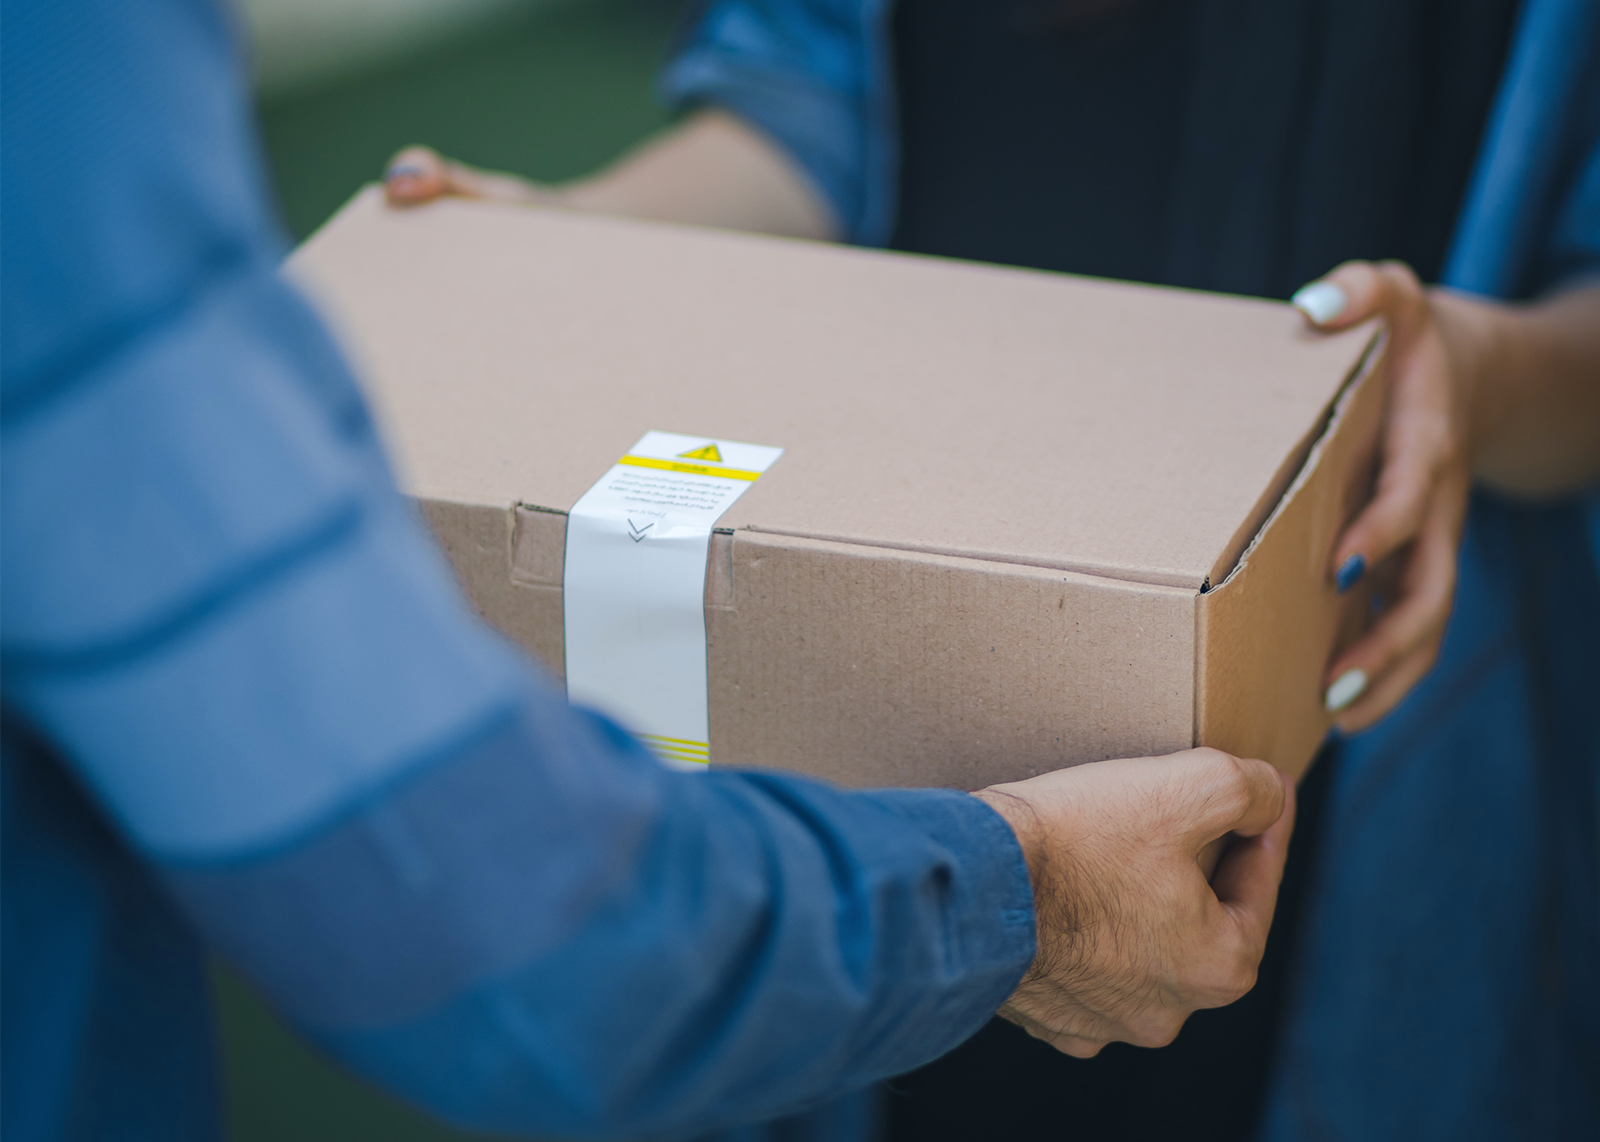 Comment la livraison est devenue un élément clé de l'expérience client